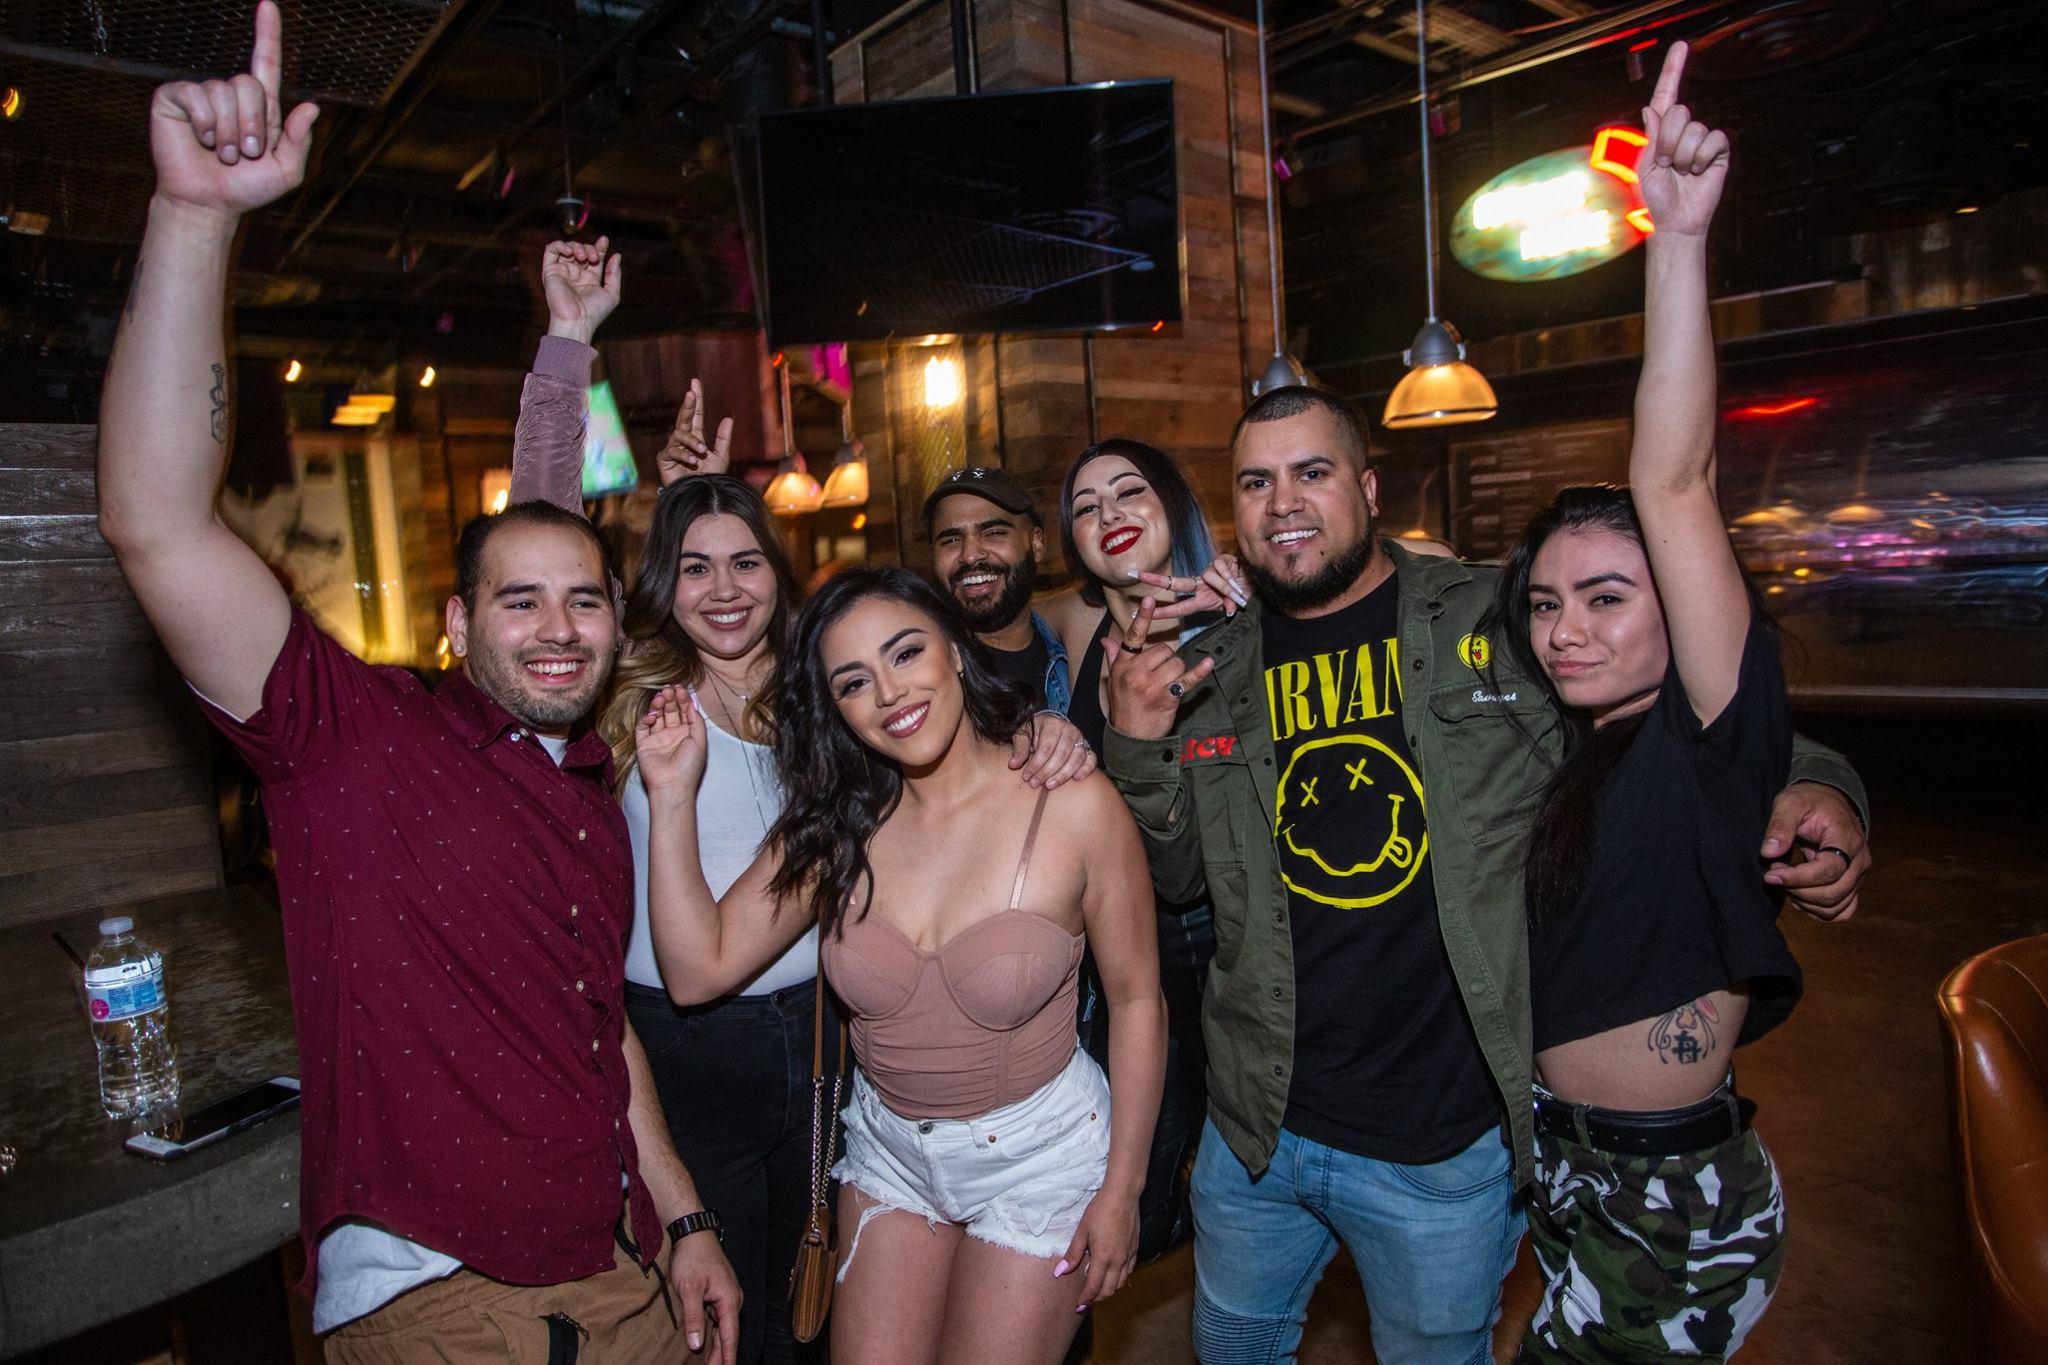 latin social night at the still